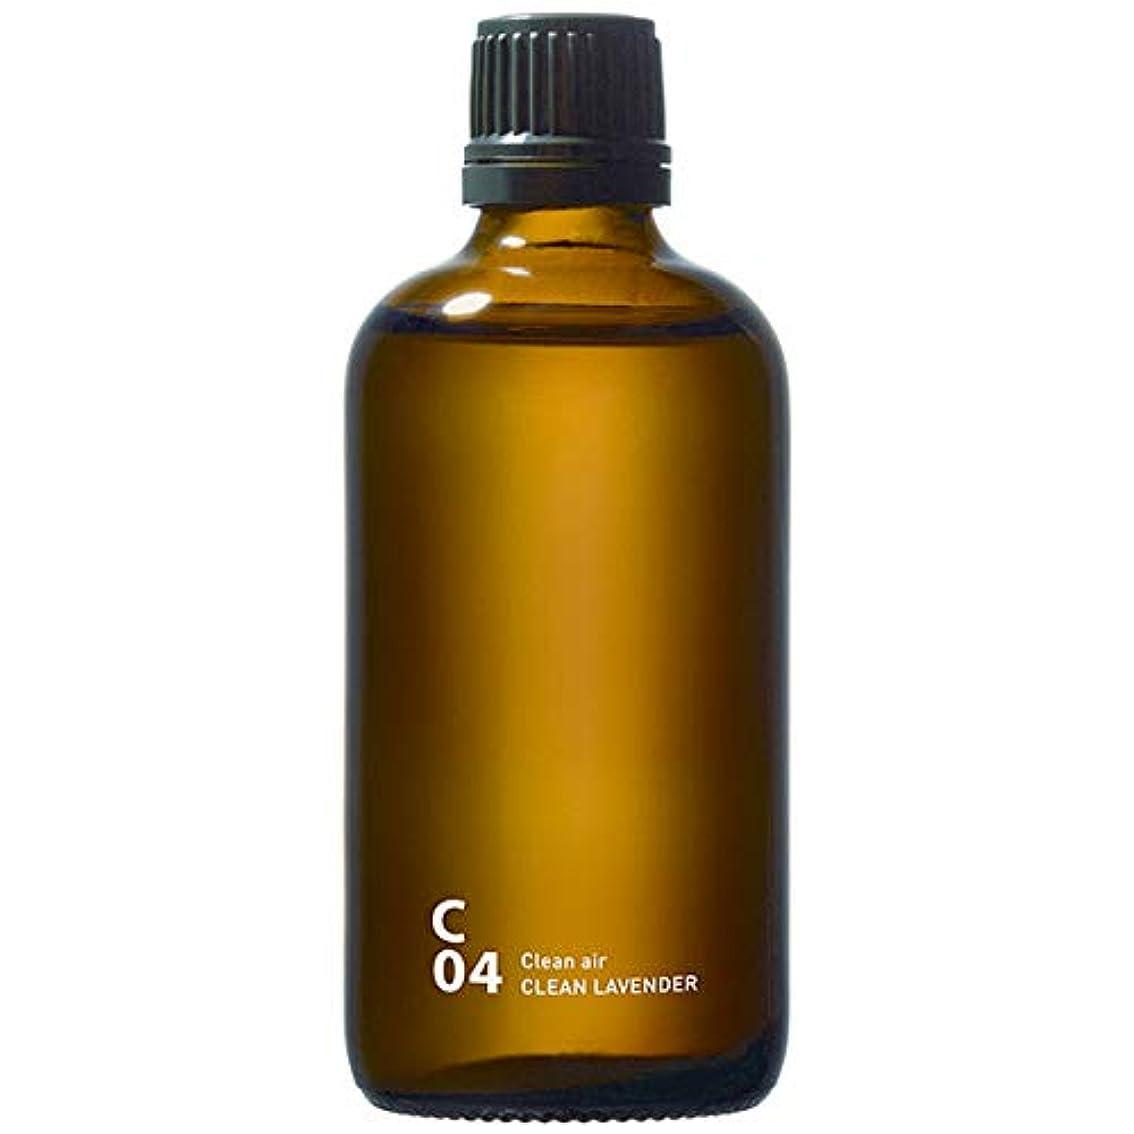 厚さ期待する差別化するC04 CLEAN LAVENDER piezo aroma oil 100ml